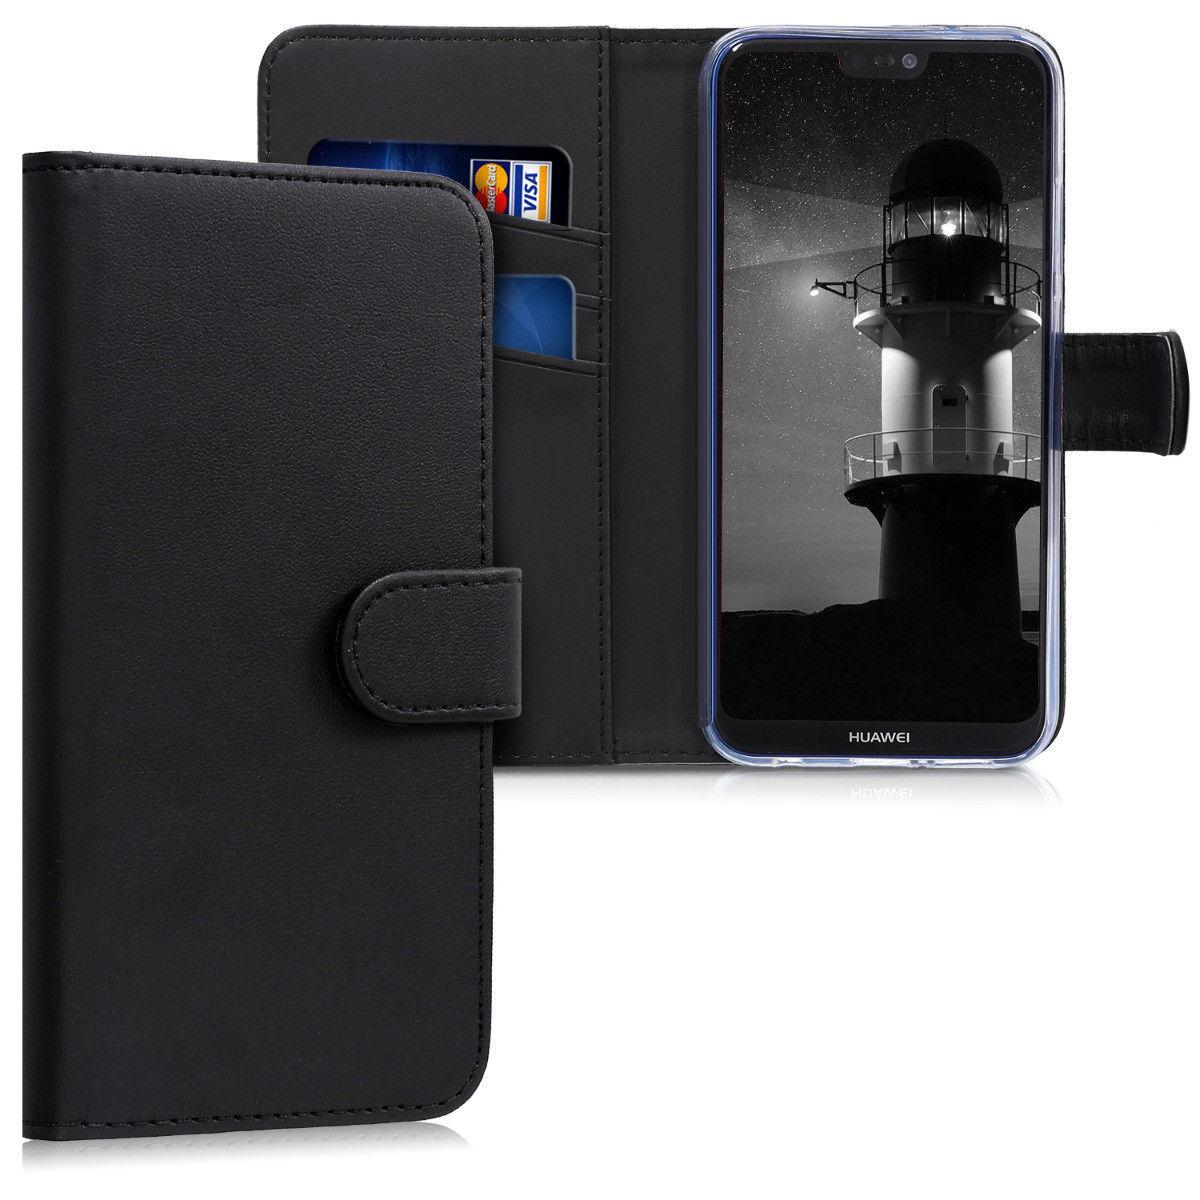 Pouzdro pro Huawei P20 Lite černé